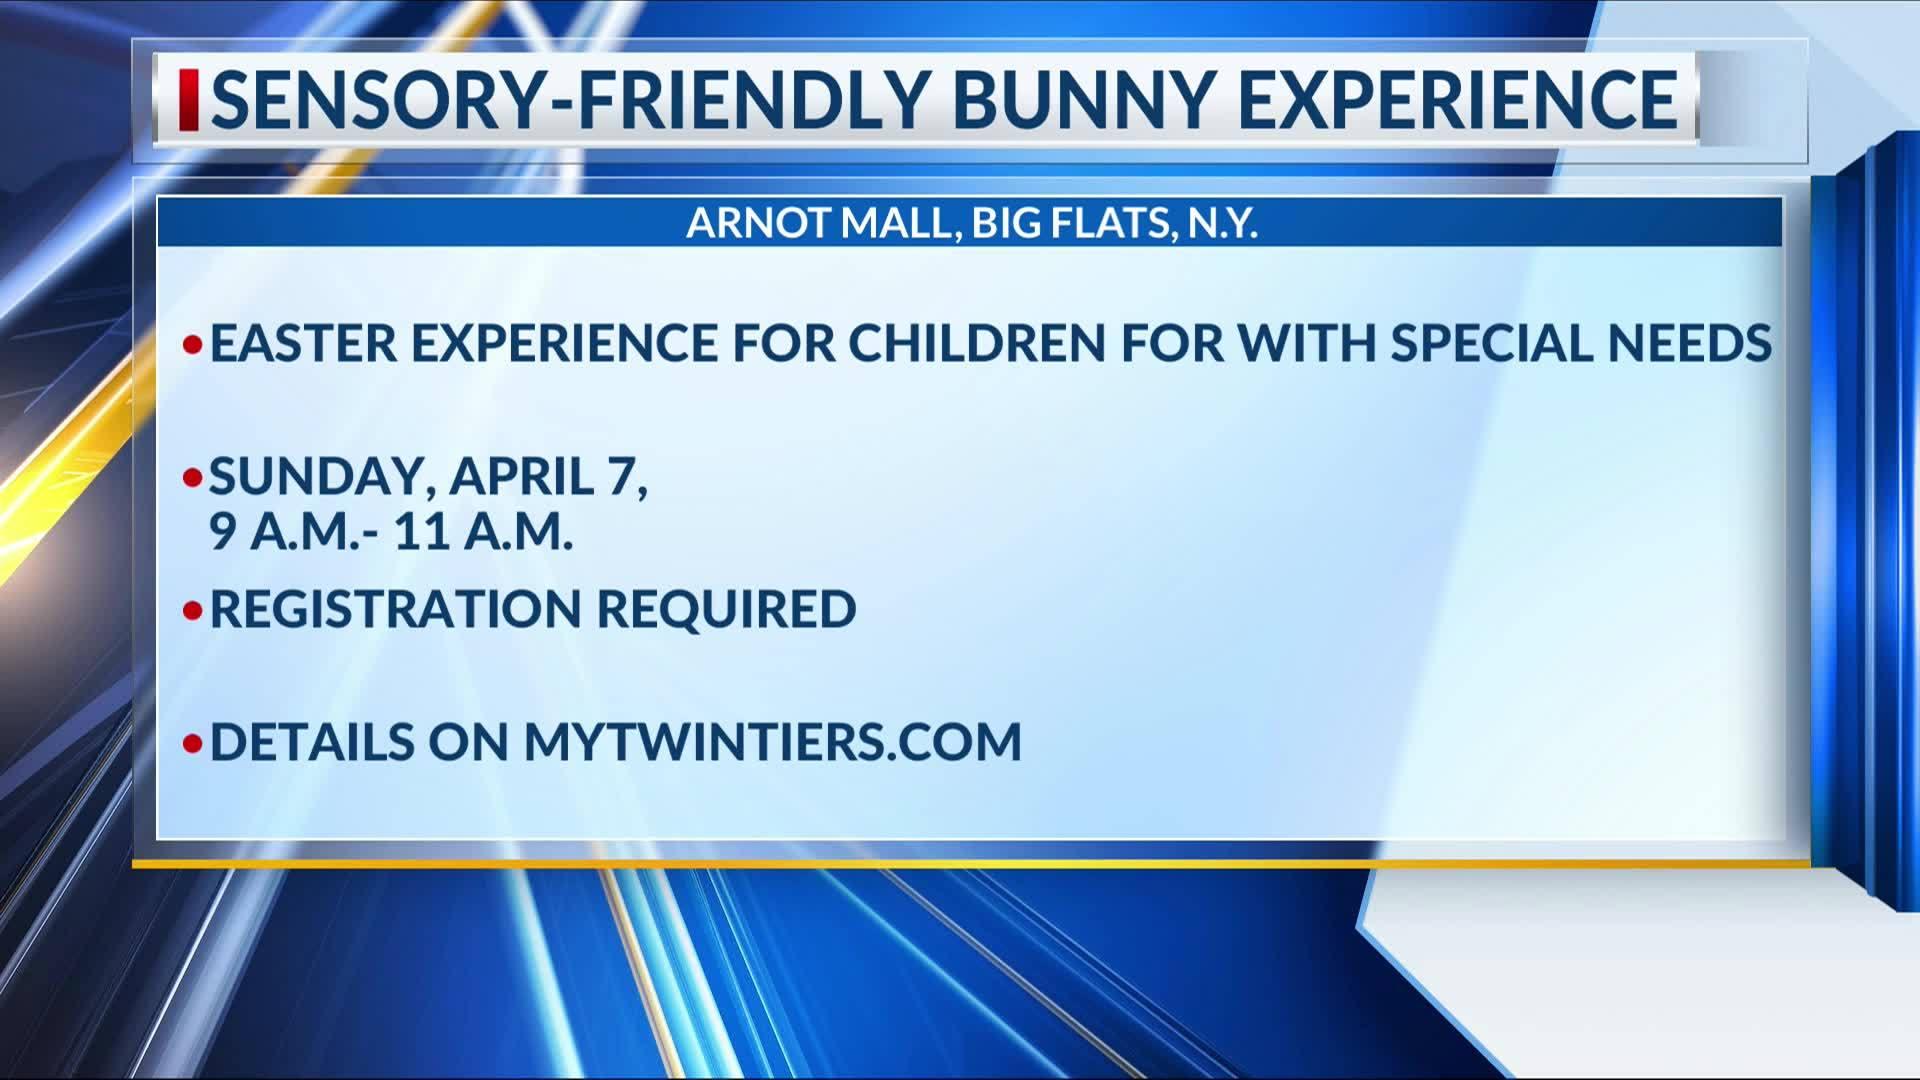 Sensory_friendly_bunny_experience_8_20190407041059